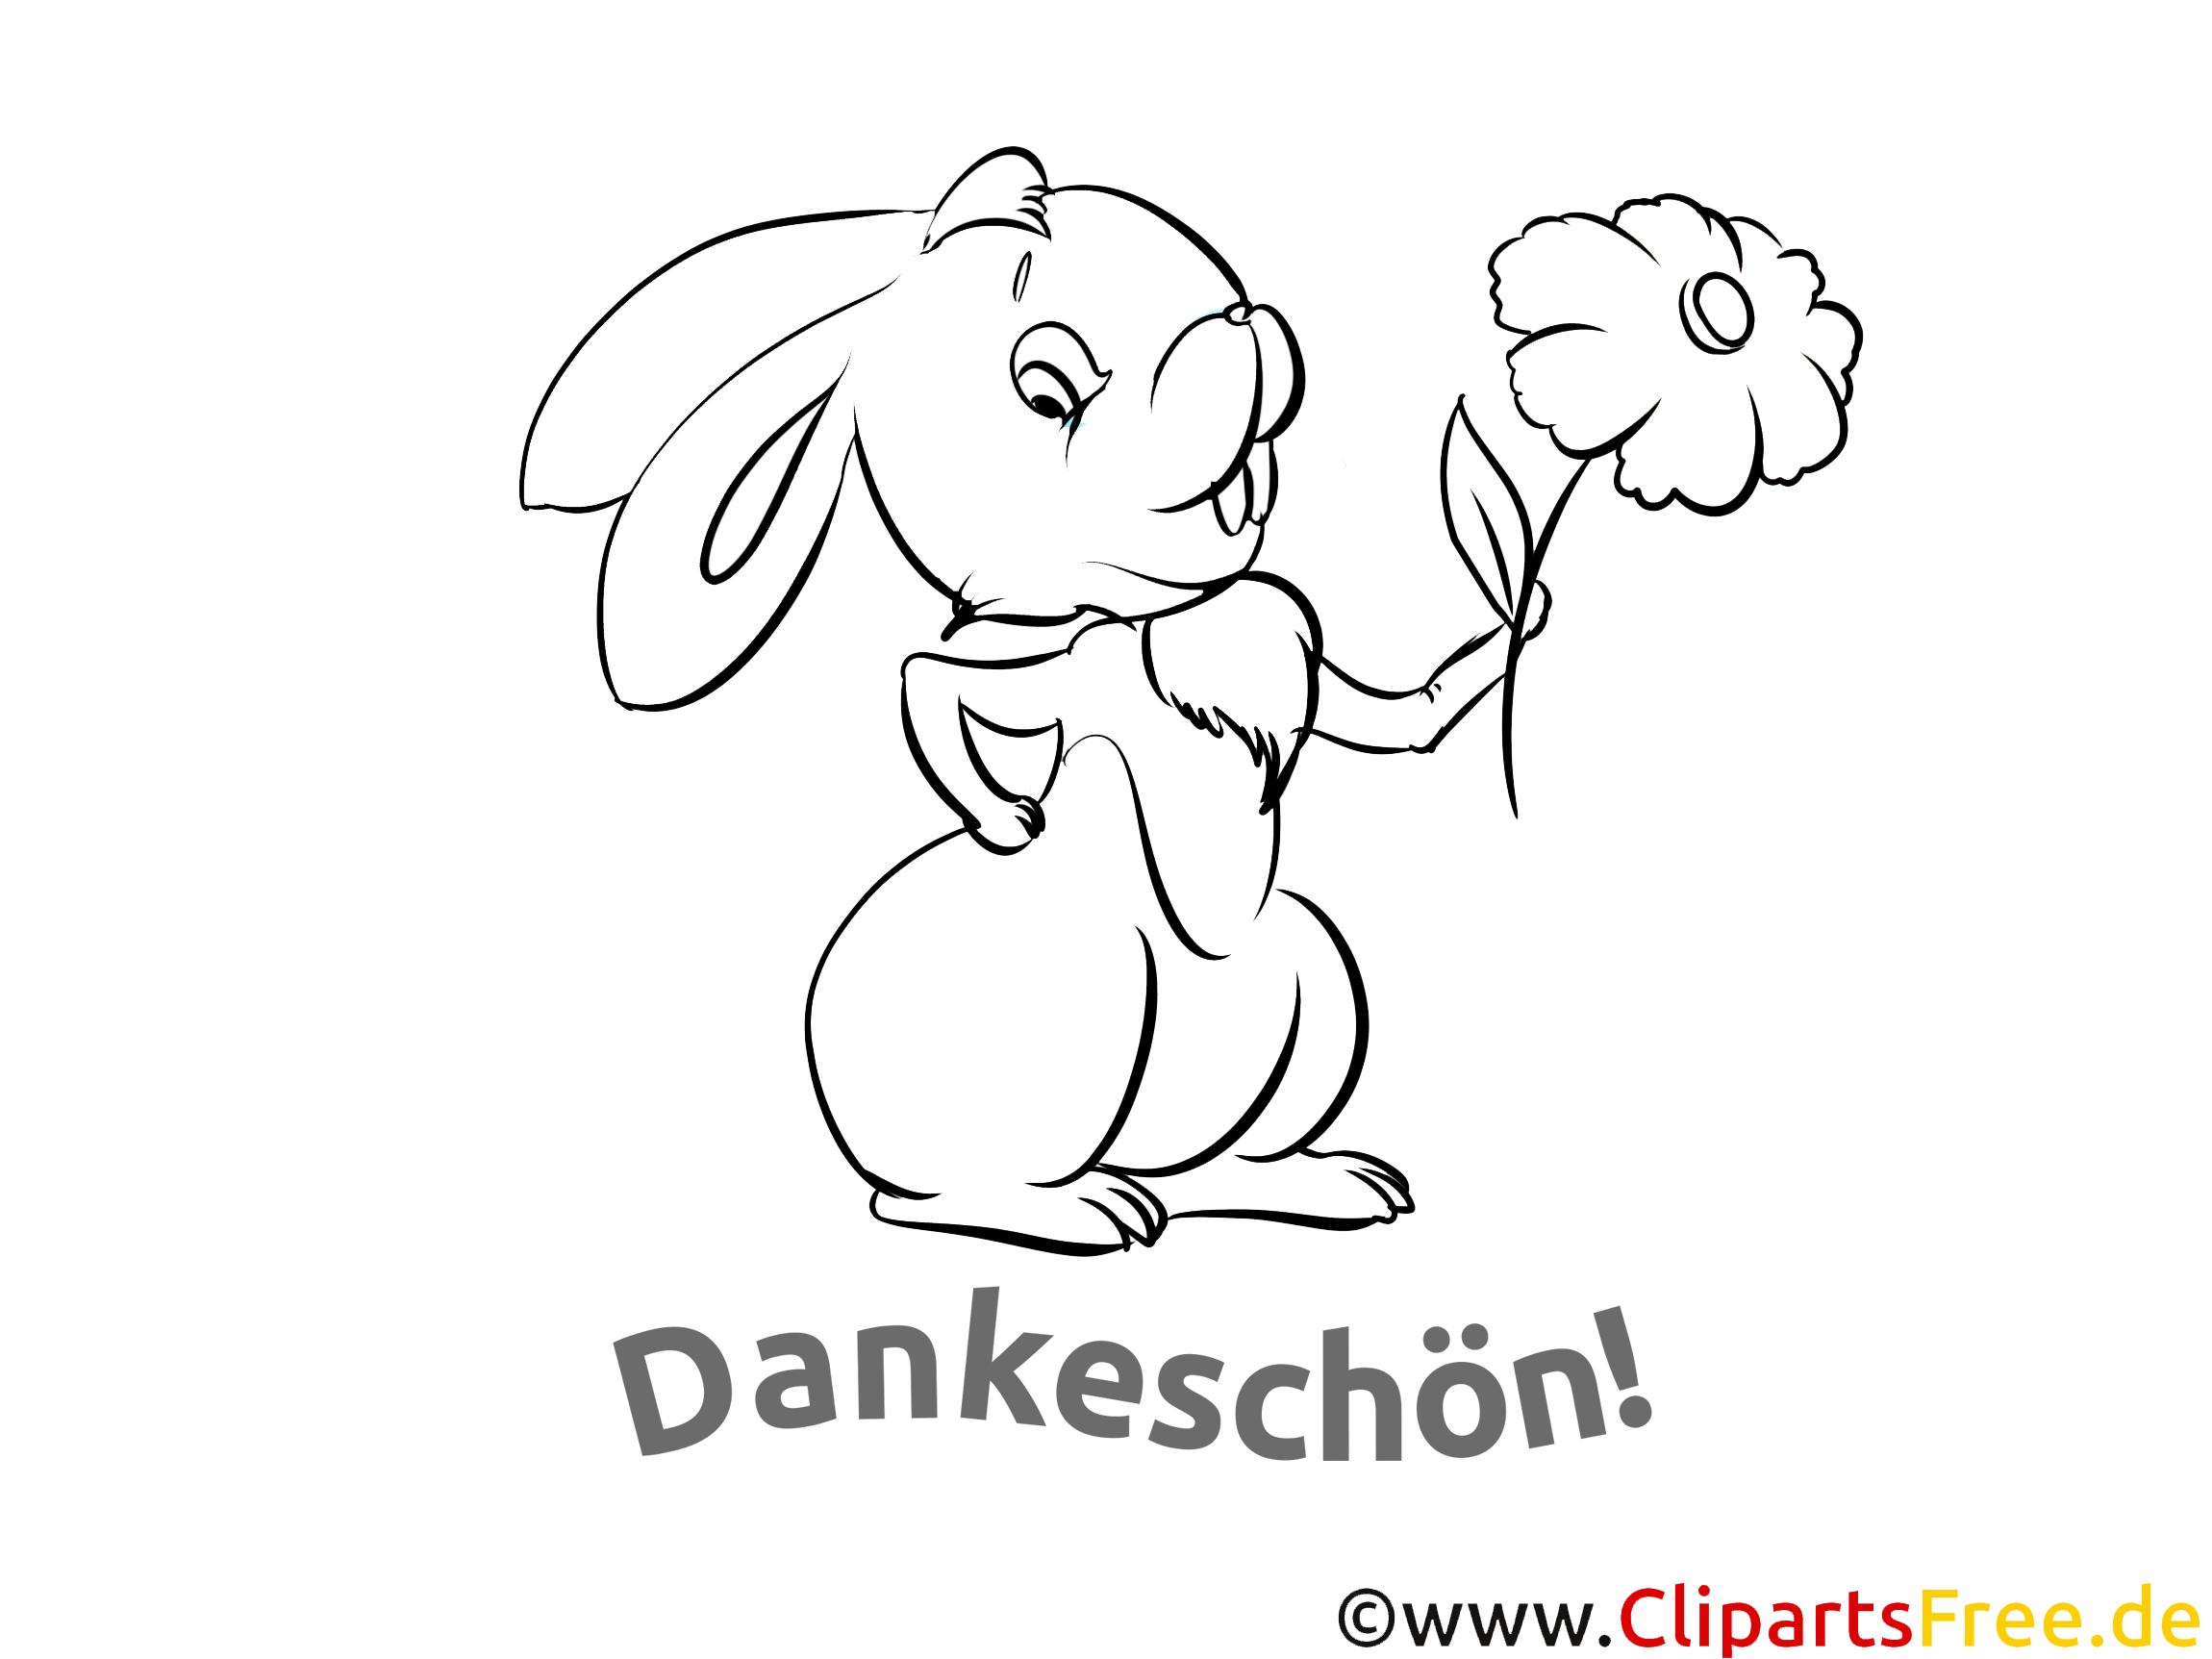 Kaninchen Ausmalbilder Dankworte zum Drucken